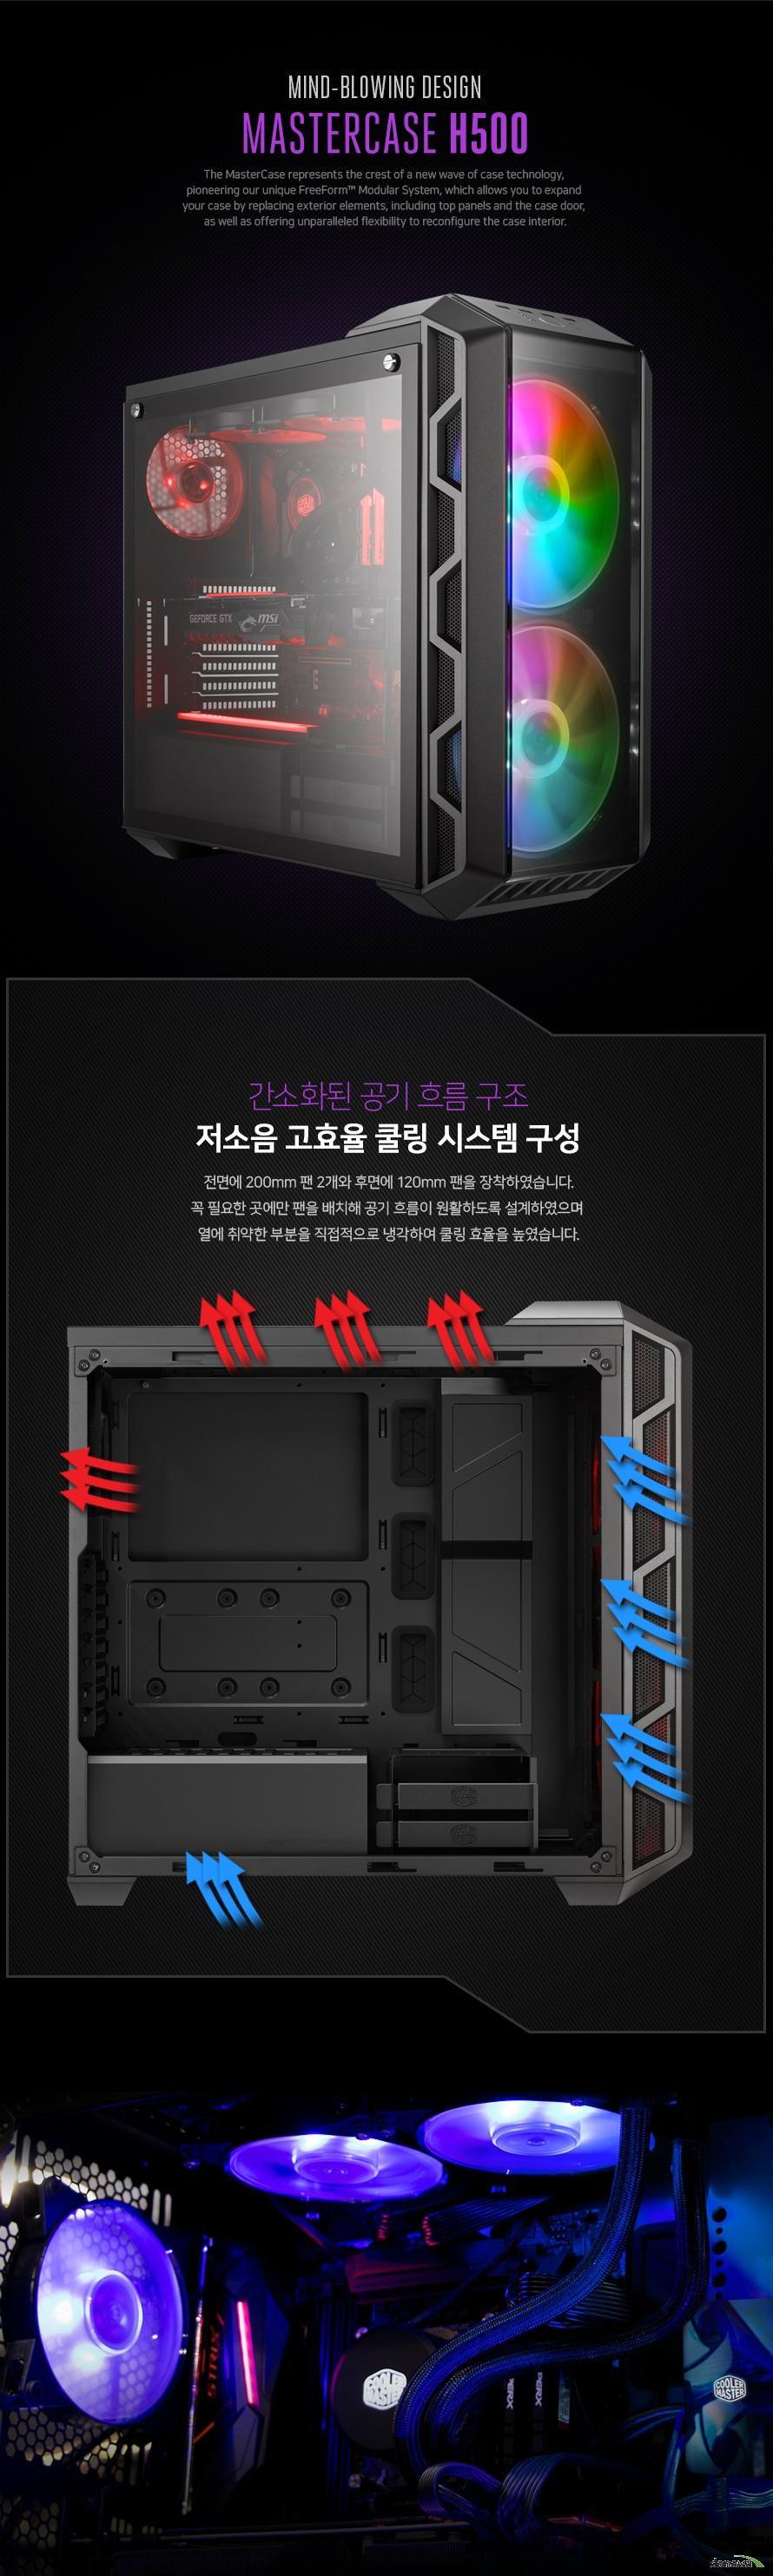 쿨러마스터 MasterCase H500 ARGB 강화유리